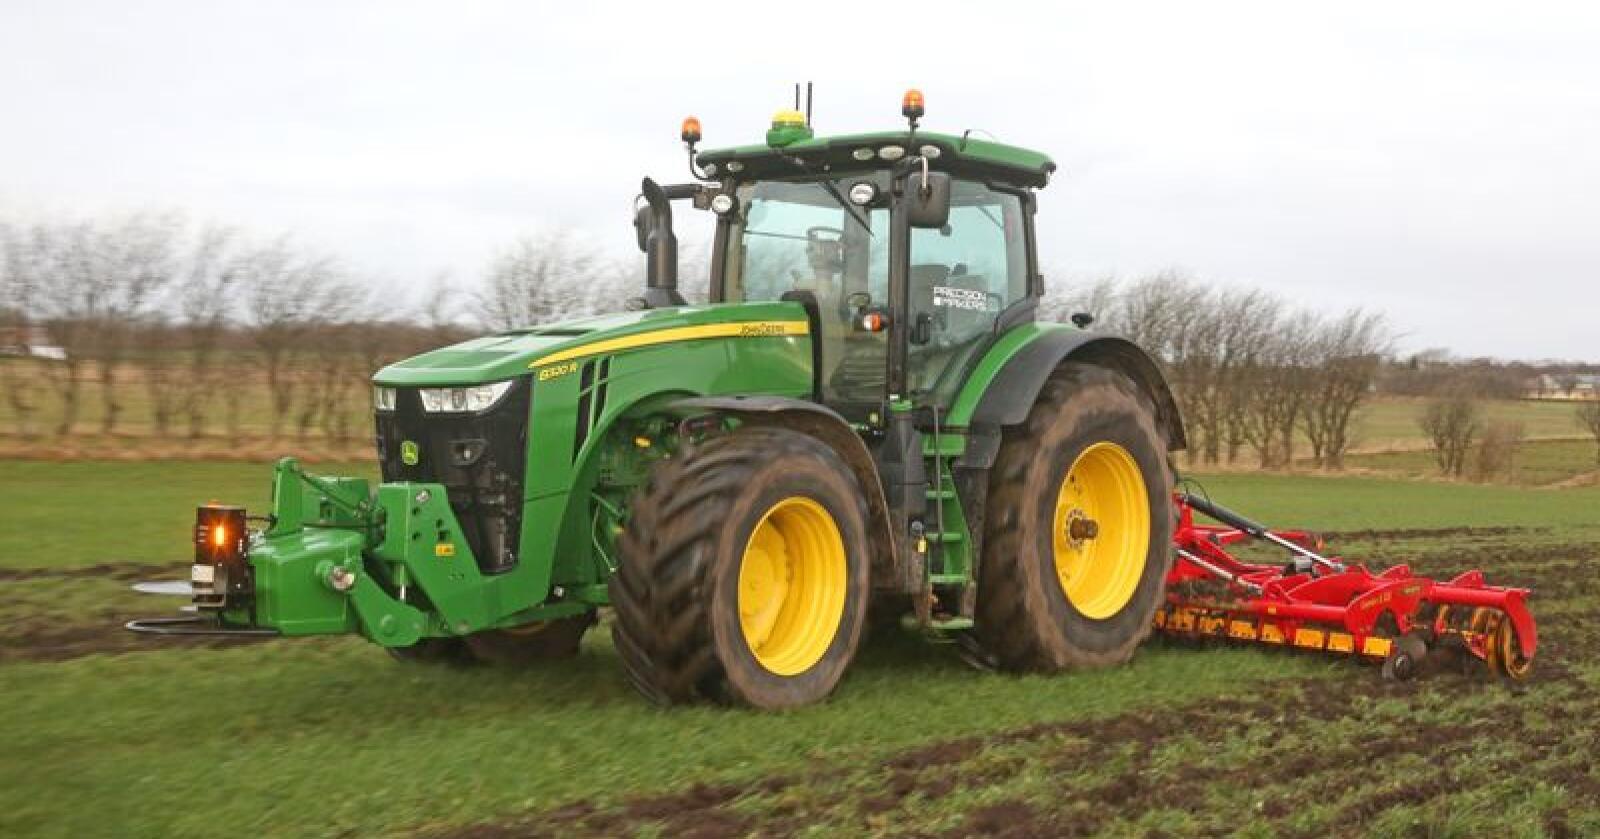 Prøvekjøring: Semler Agros John Deere 8320R med førerløs-systemet fra Precision Makers i drift på et jorde i Danmark. (Foto: Morten Damsgaard)